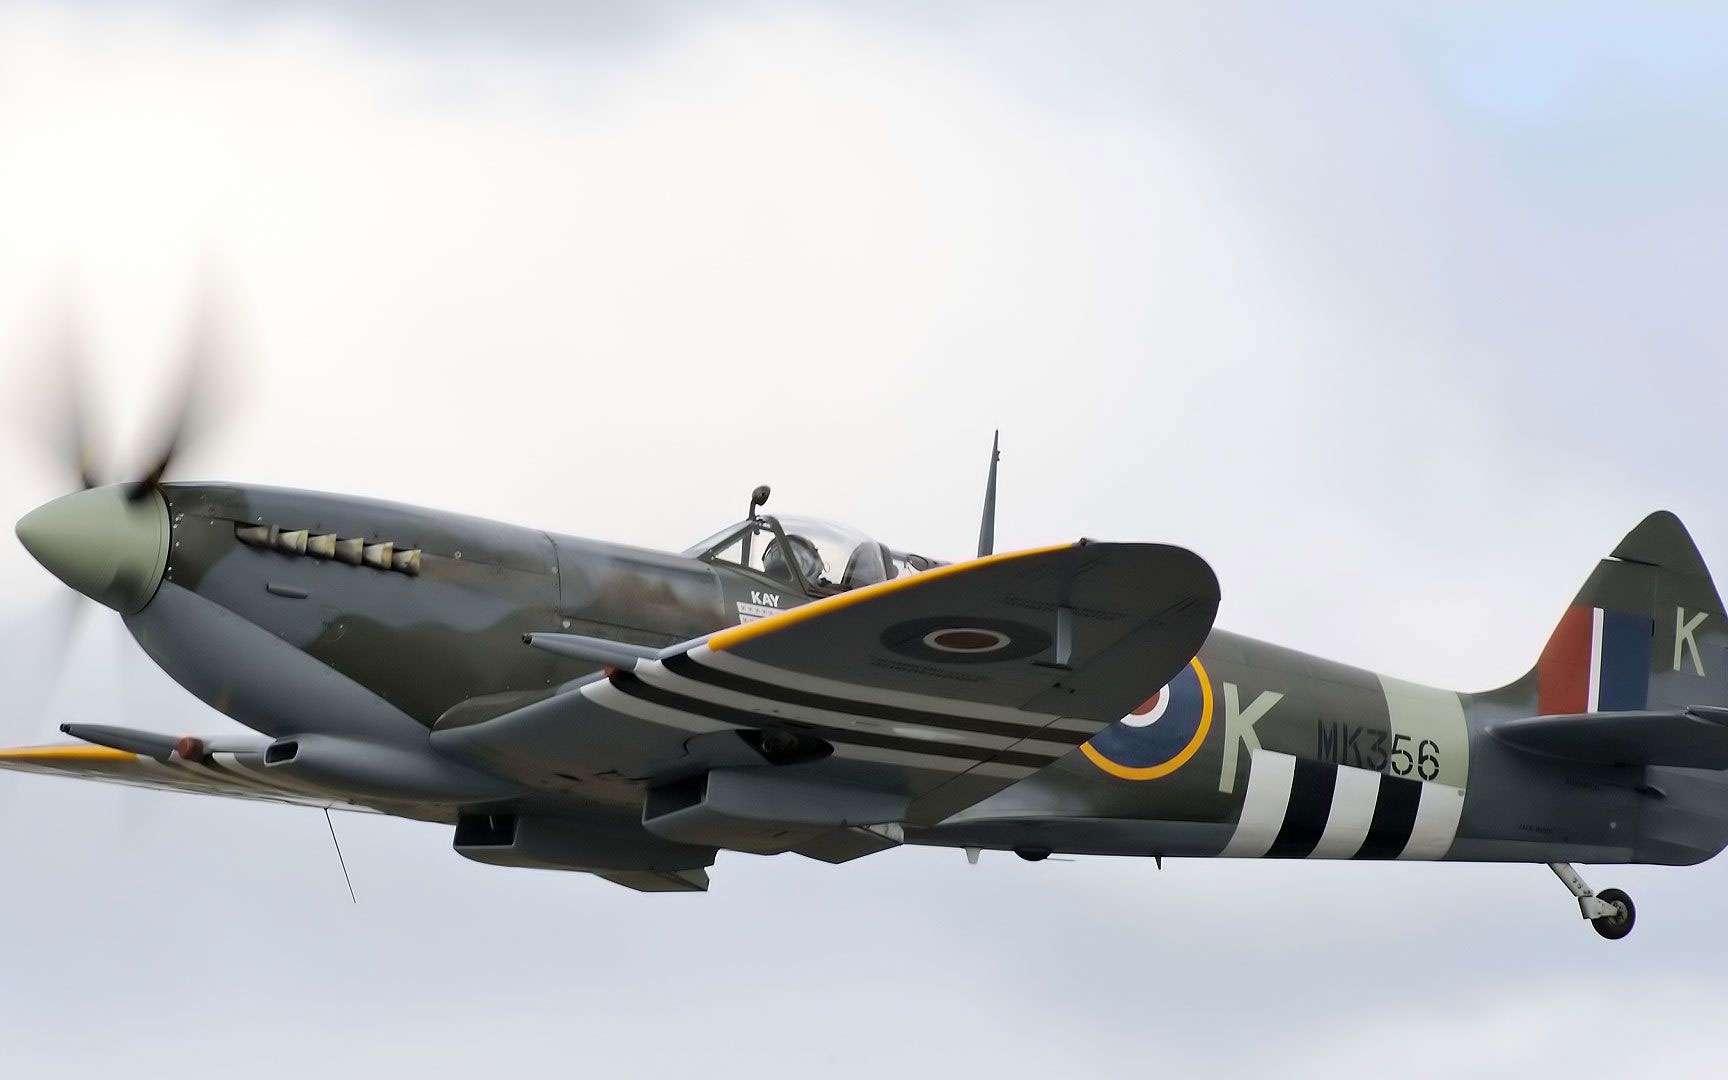 Le Supermarine Spitfire et son moteur Rolls-Royce. Avec le Messerschmitt Bf 109, le Supermarine Spitfire est l'autre avion de chasse légendaire à s'être illustré durant la seconde guerre mondiale. C'est notamment grâce à lui que la Royal Air Force britannique a pu remporter la célèbre bataille d'Angleterre. Ce monoplan à ailes elliptiques se caractérise par son profil très aérodynamique qui lui permettait d'atteindre les 650 km/h grâce à son moteur Rolls-Royce. Le Supermarine Spitfire fut produit à plus de 20.300 exemplaires, avec des déclinaisons utilisées par plusieurs pays, notamment l'Égypte, la France, Israël ou encore la Turquie. © Jez, CC by-nc 2.0